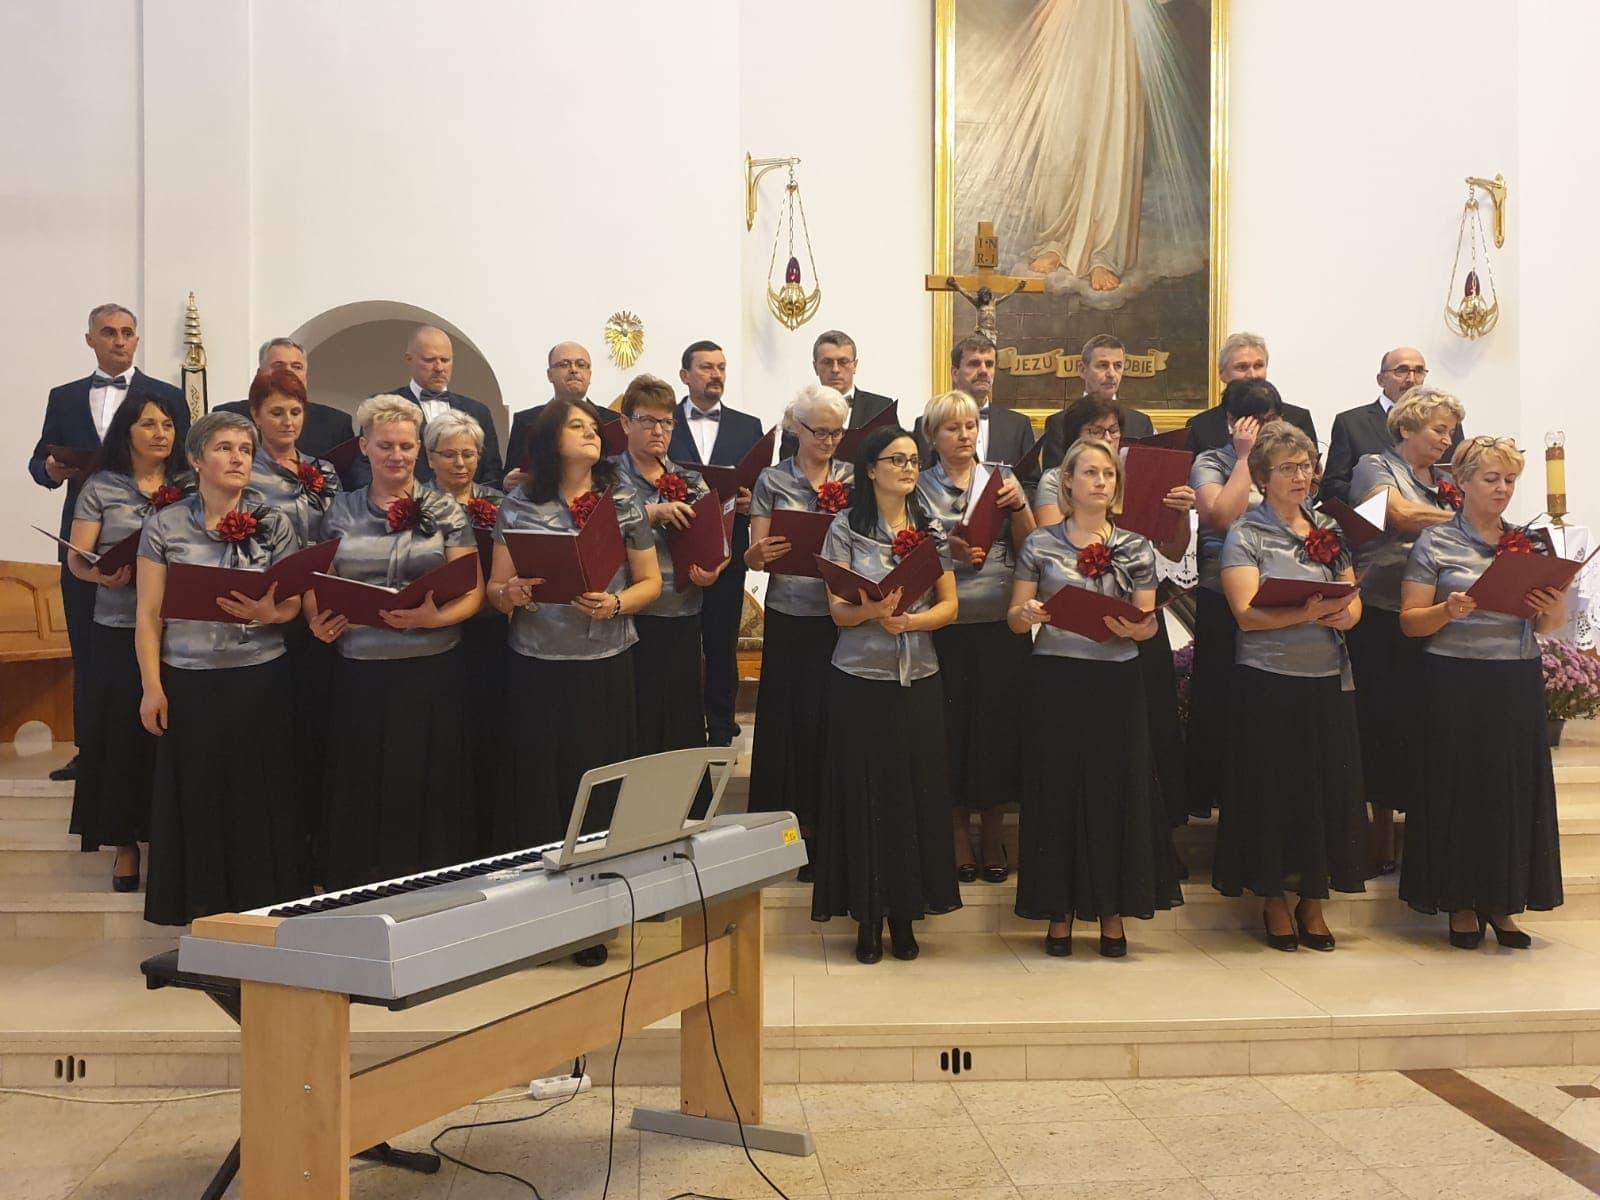 XIII Zagórzańskie Spotkanie Chórów w Mszanie Dolnej - podczas występu